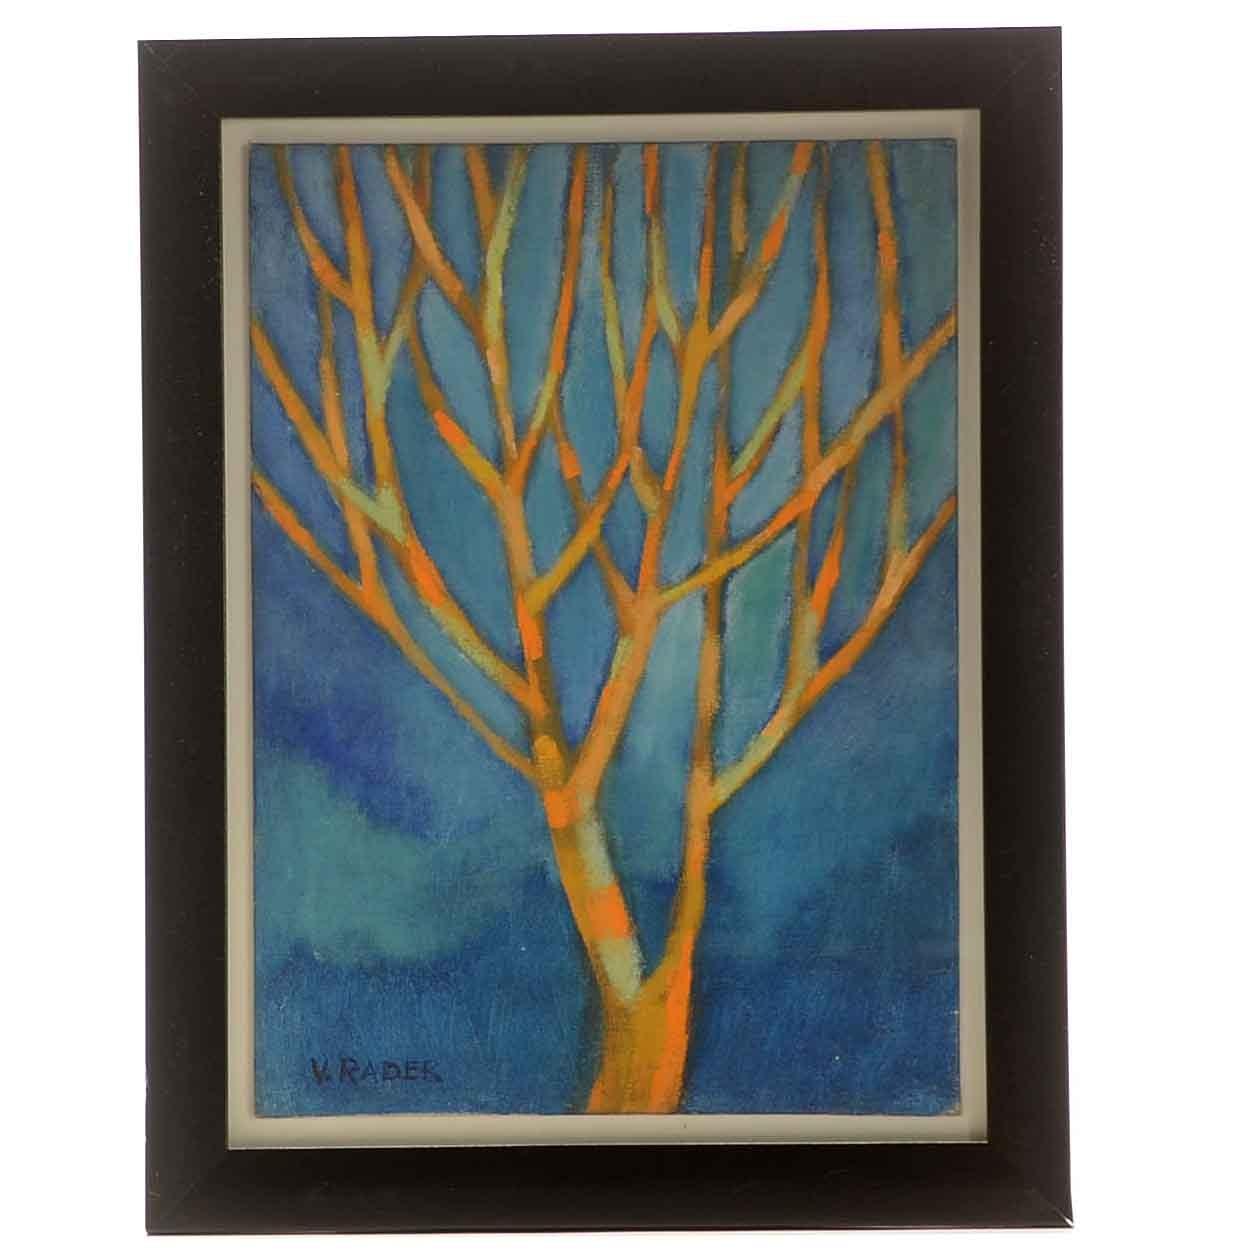 V. Rader Oil Painting of a Tree